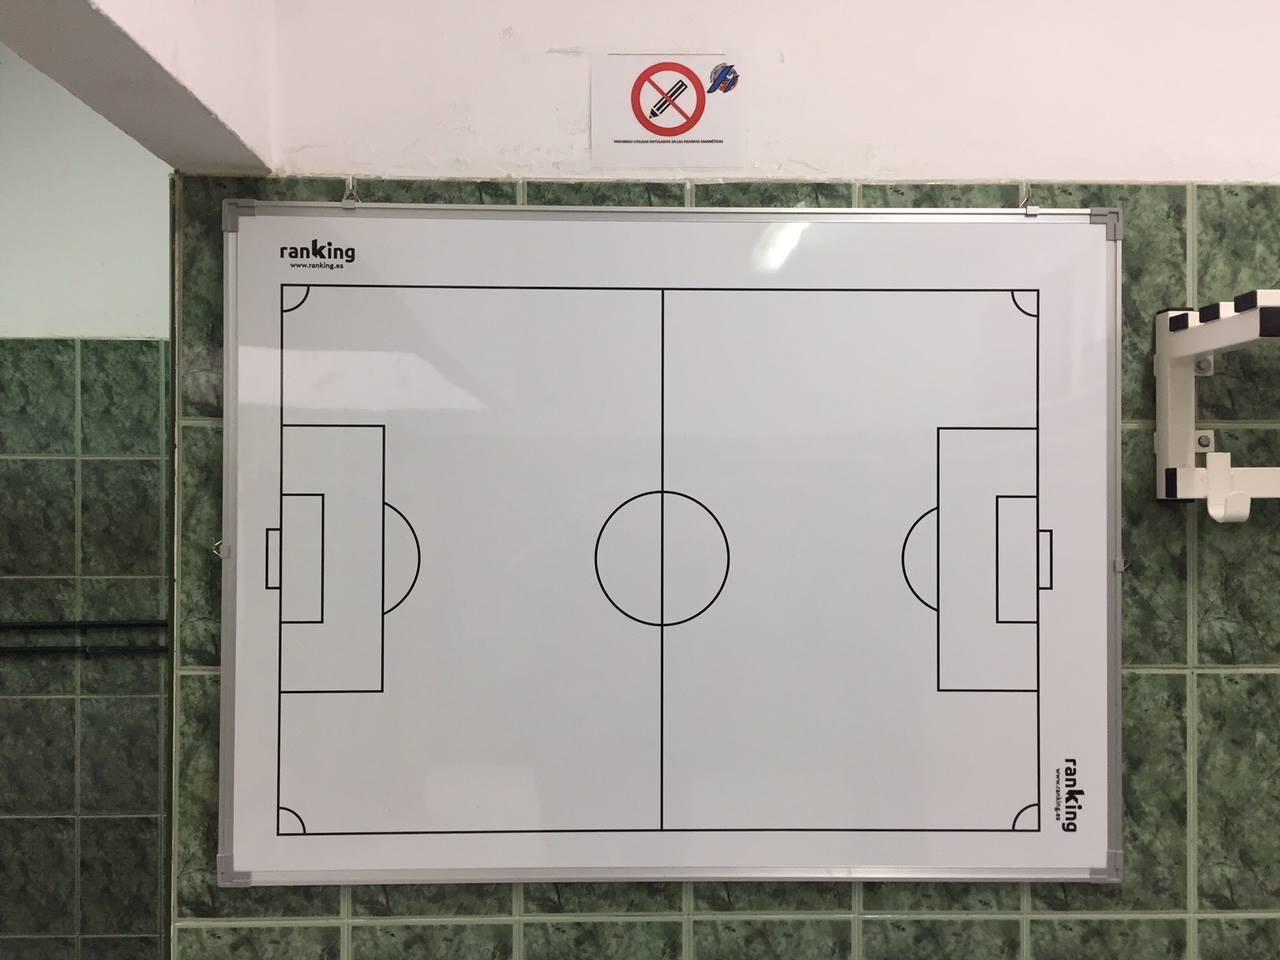 إقبال كبير على شراء تذاكر مباراة  ريال مدريد ومليلية والفريق المحلي يجري تغييرات بغرفة الملابس